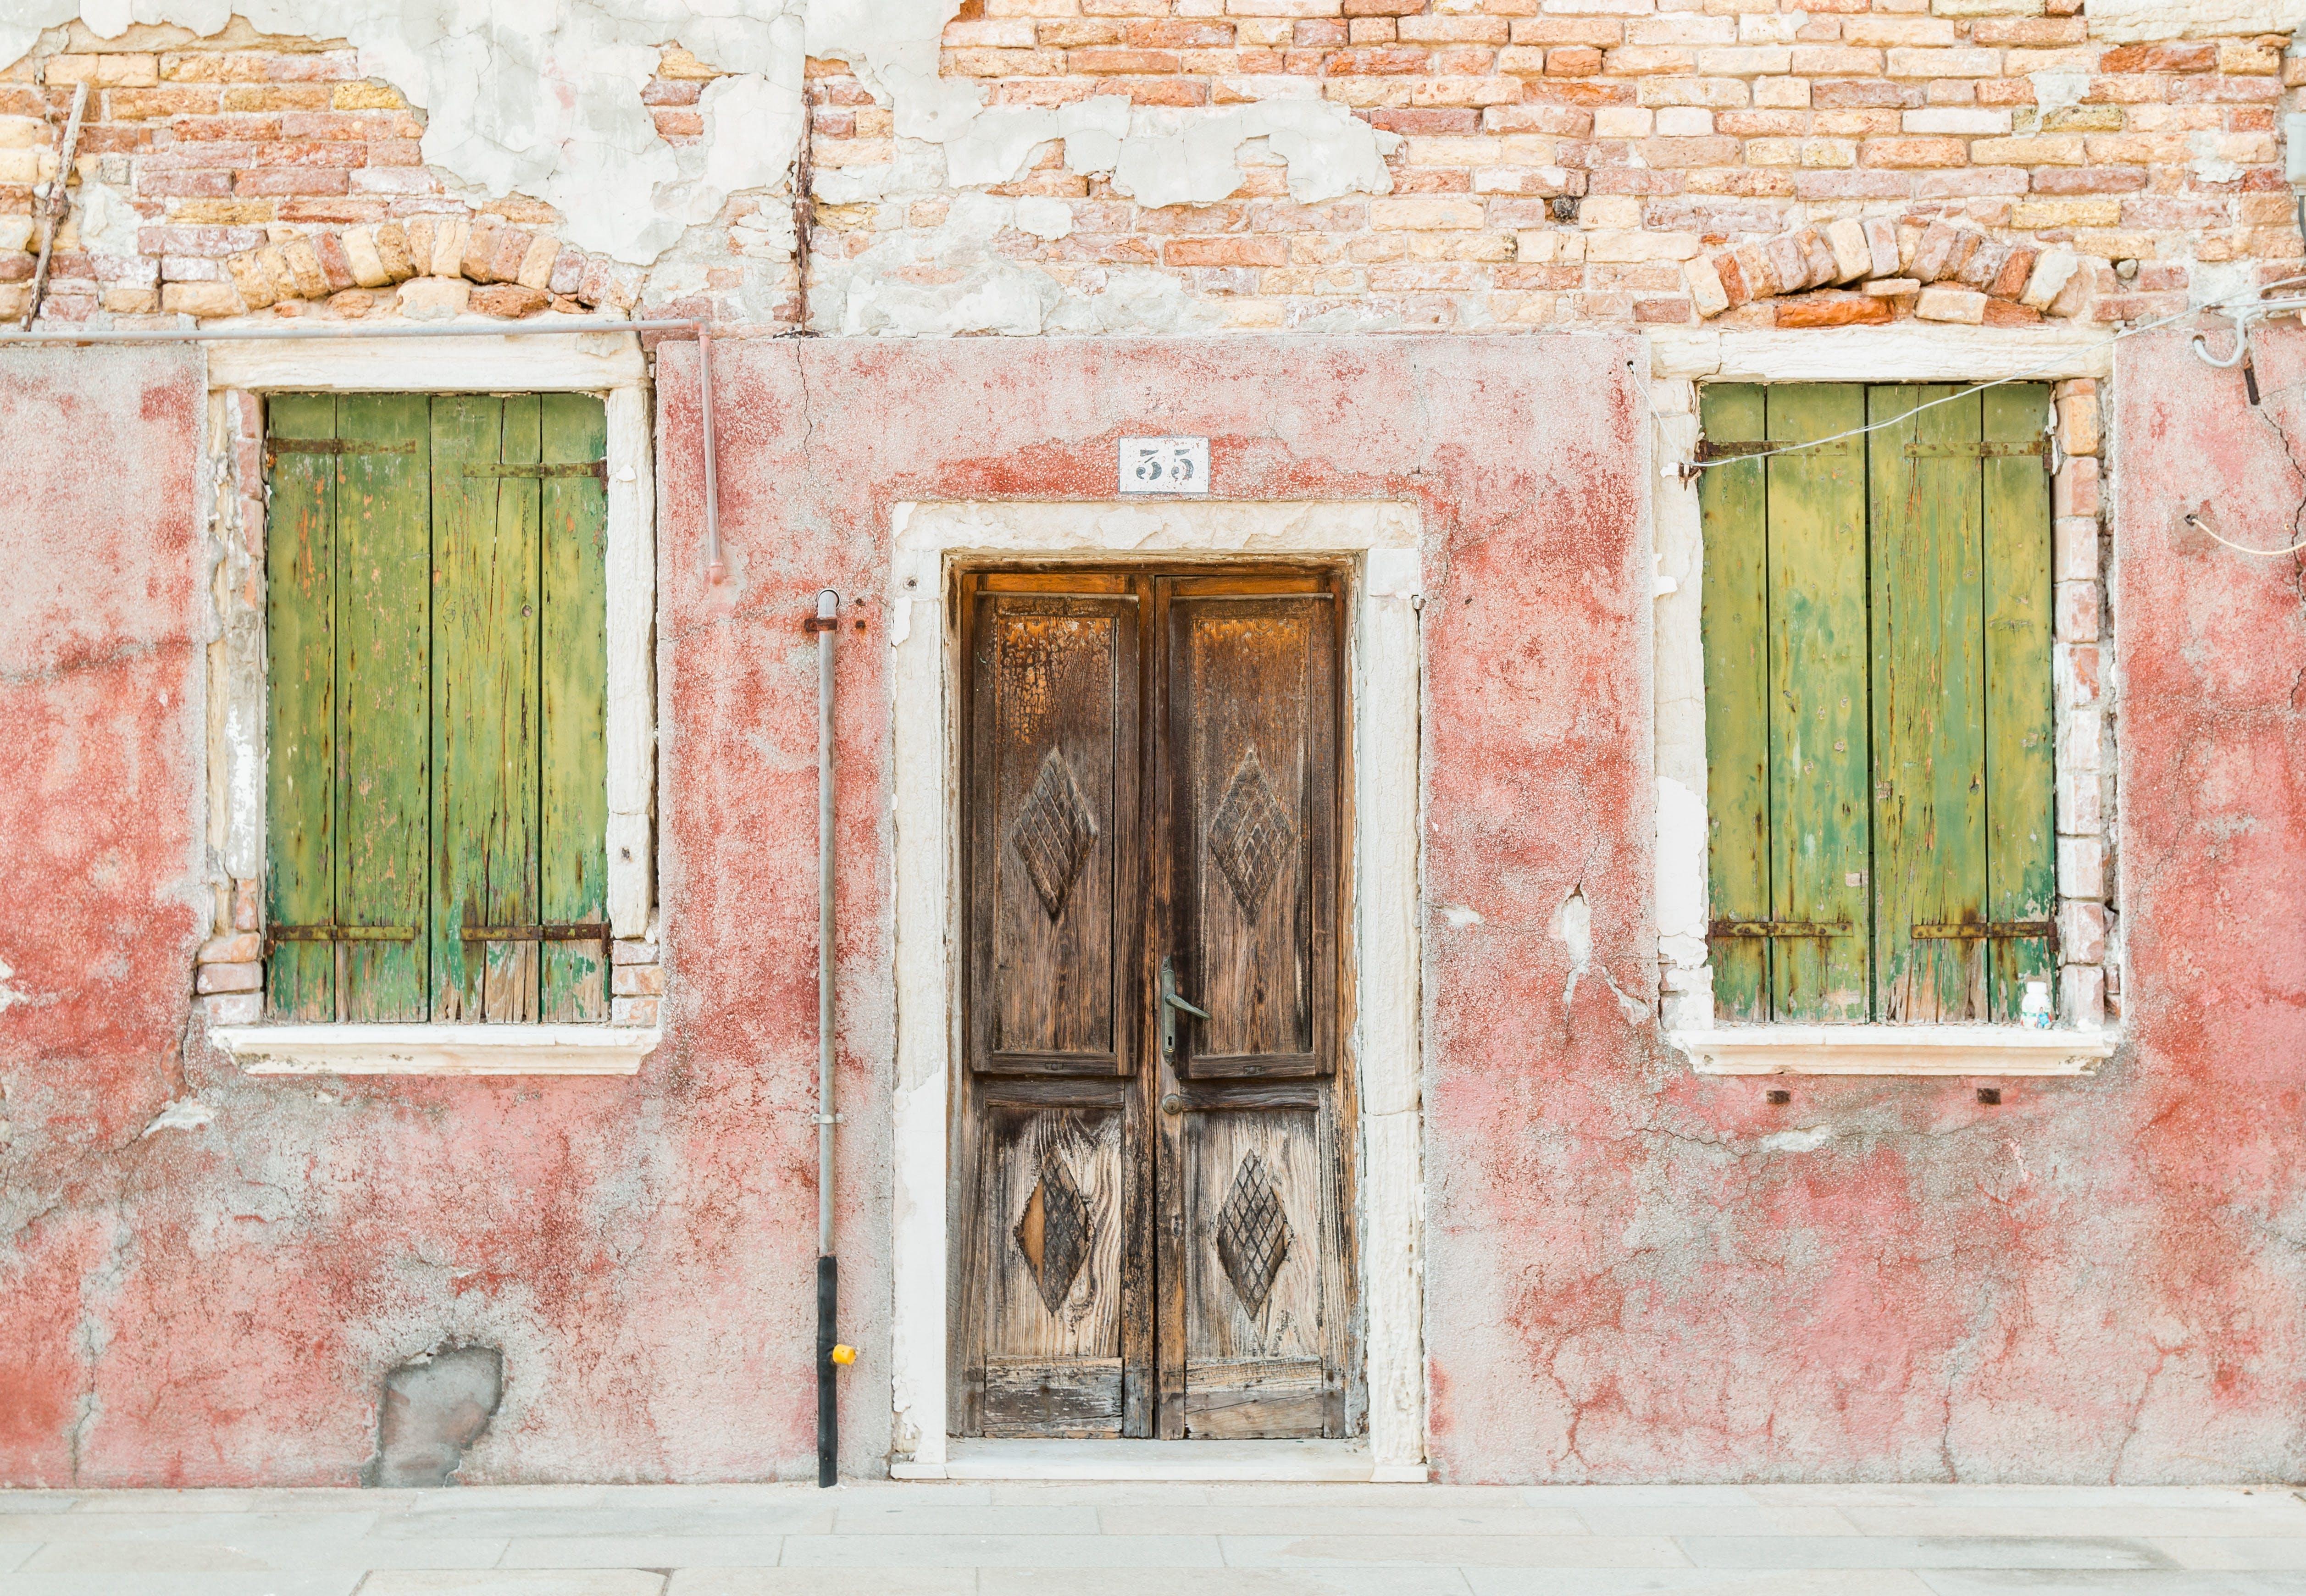 Closed Brown Wooden Door and Window